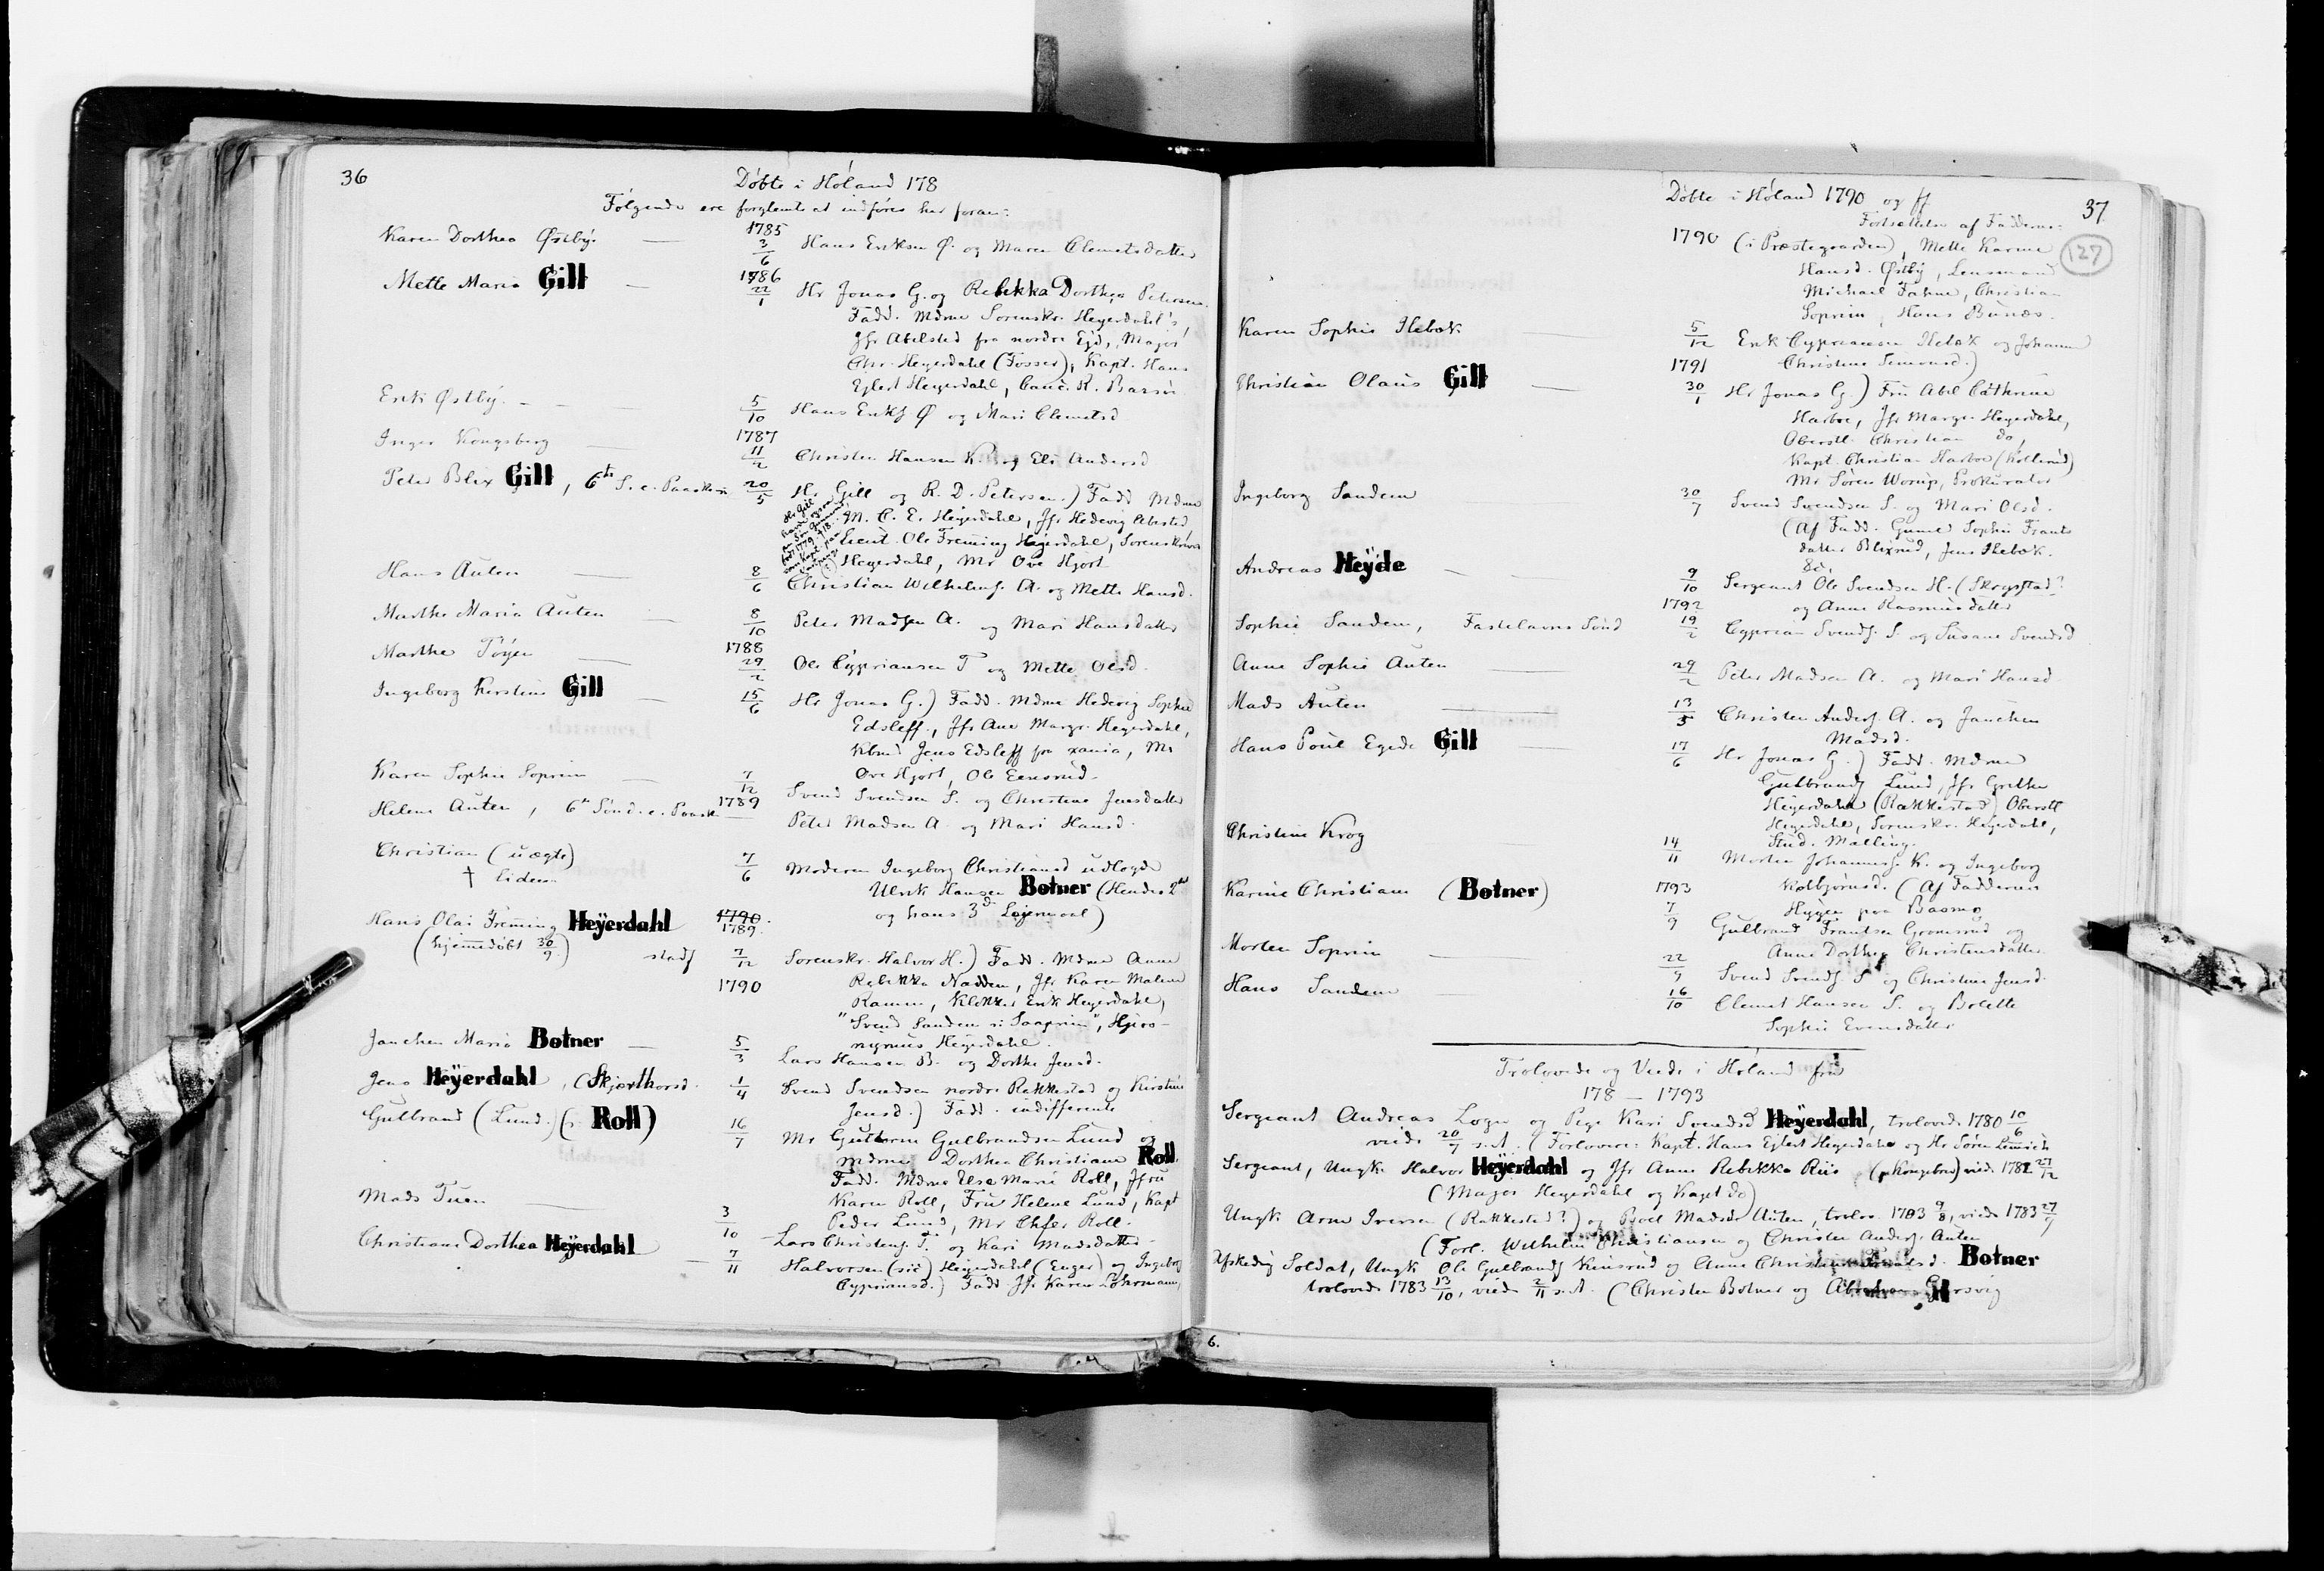 RA, Lassens samlinger, F/Fc, s. 127